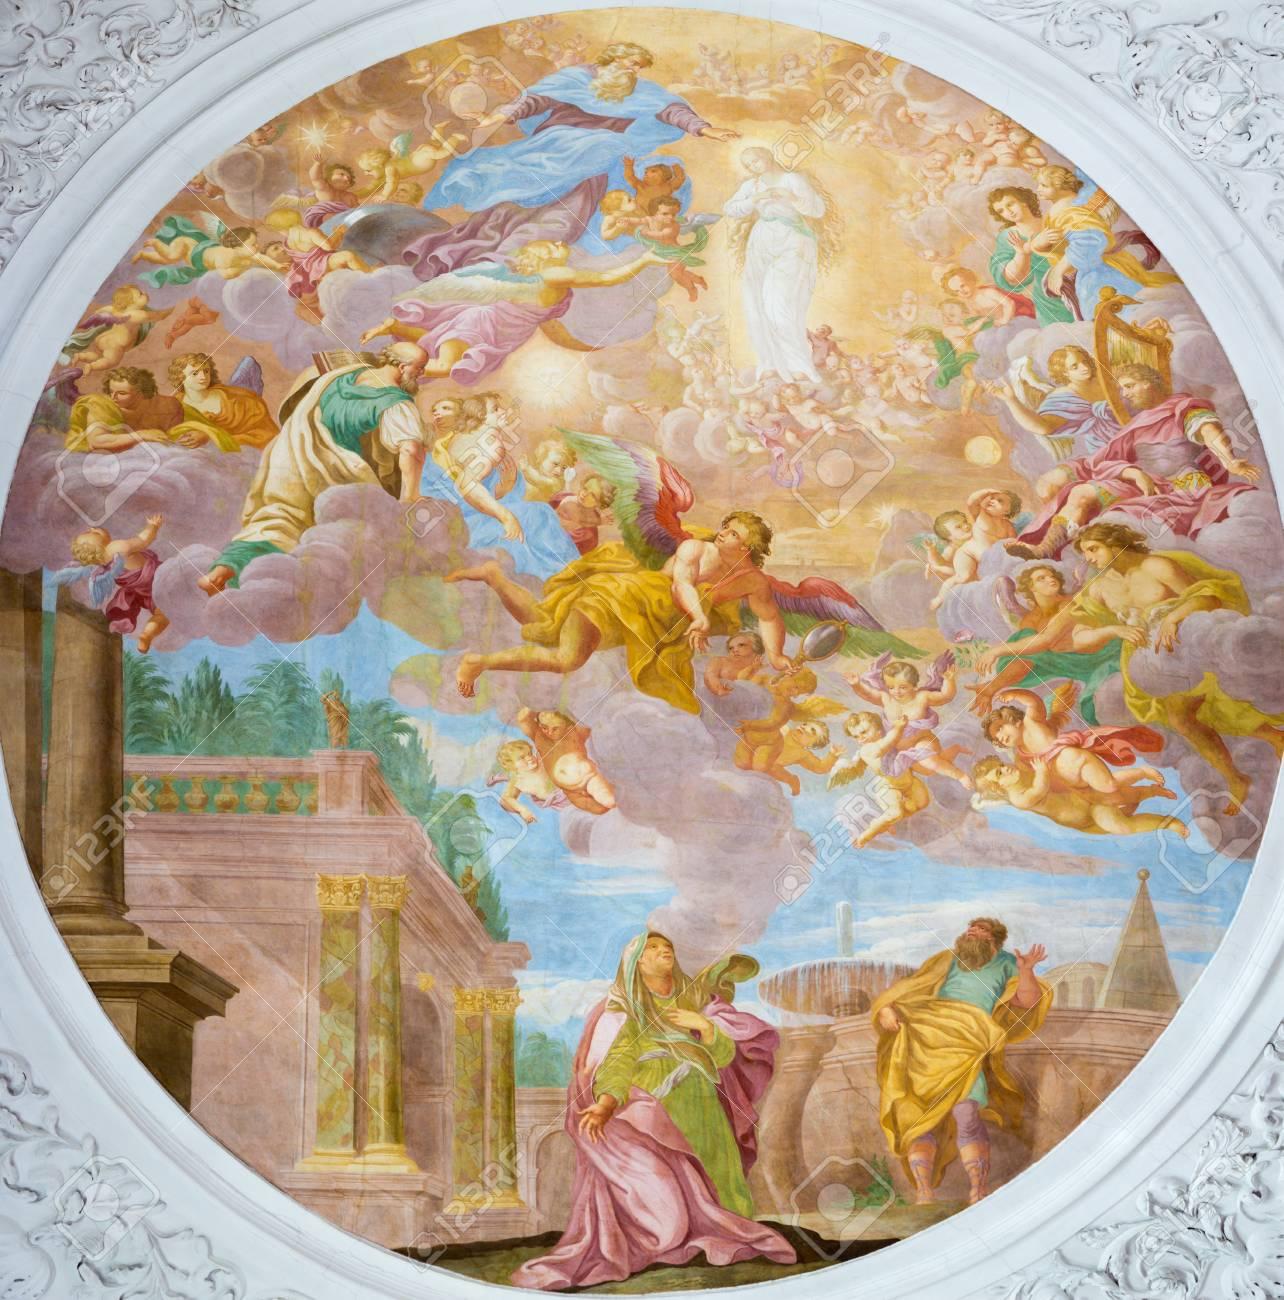 vienna austria july 30 2014 the fresco of die erwählung